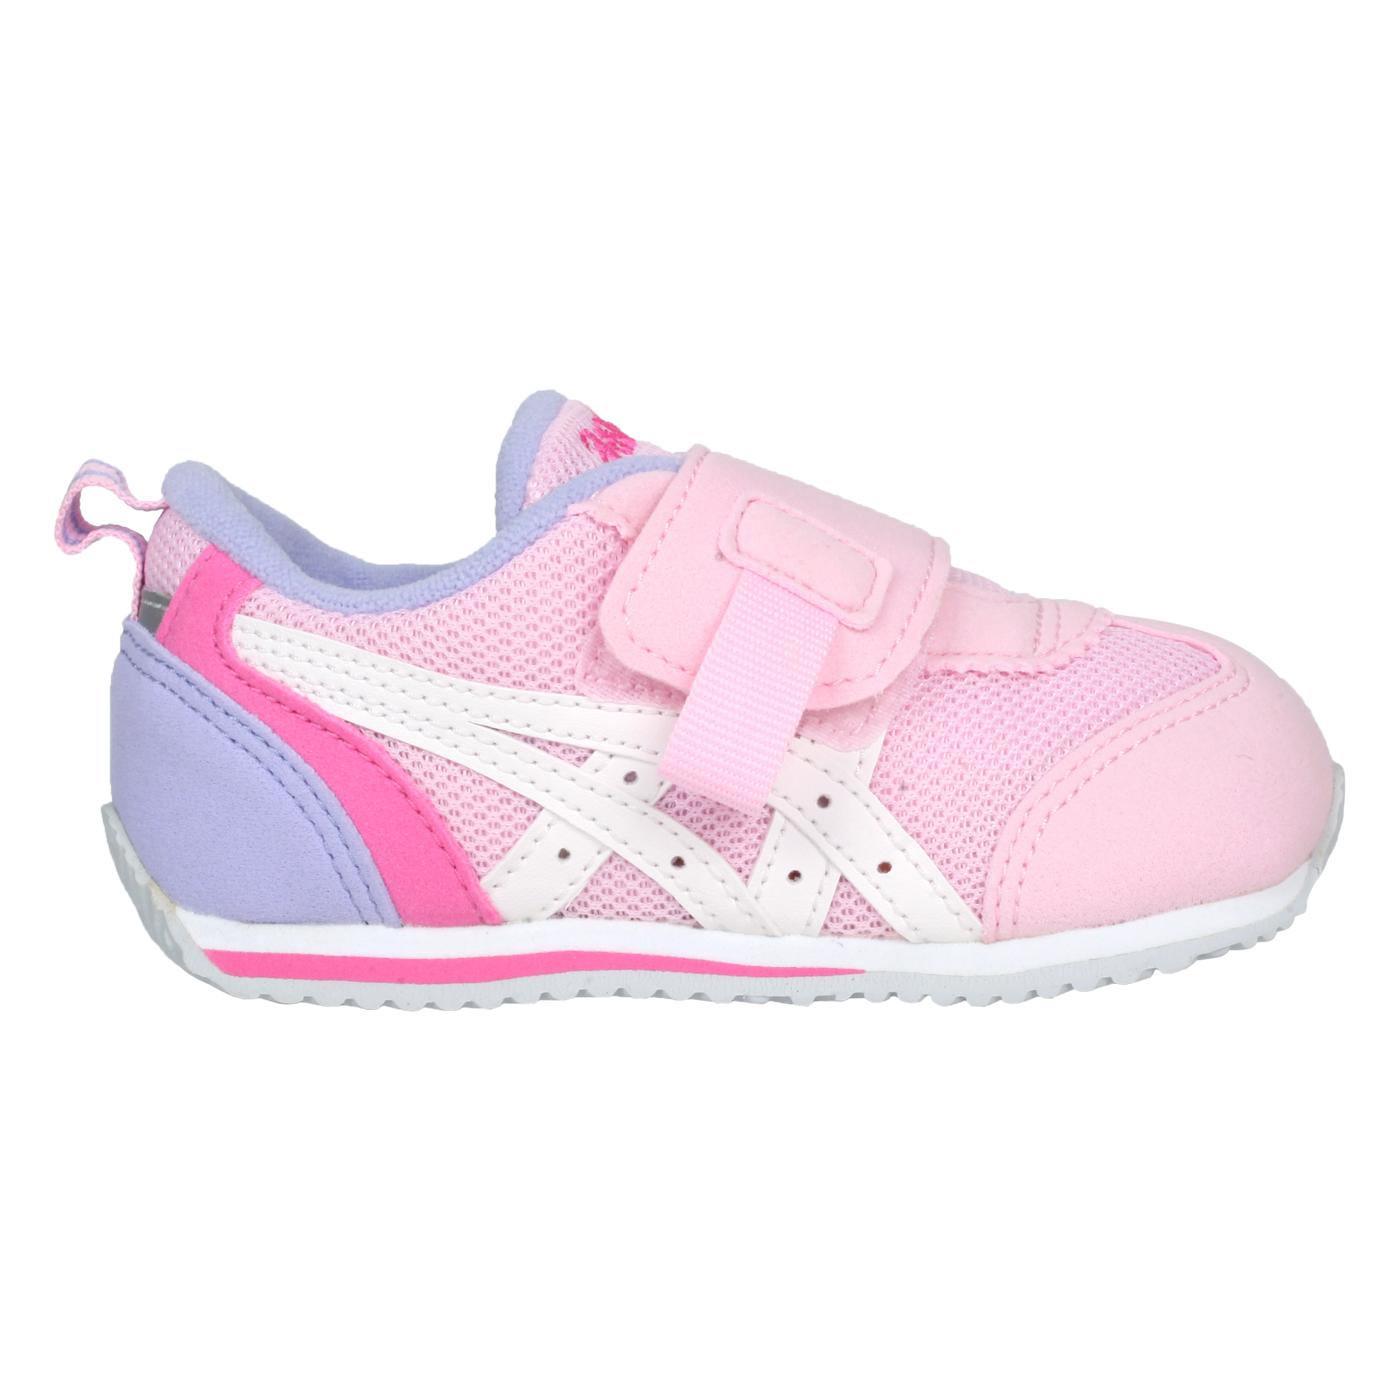 ASICS 小童運動鞋  @IDAHO BABY KT-ES 2@1144A082-700 - 粉紅紫白